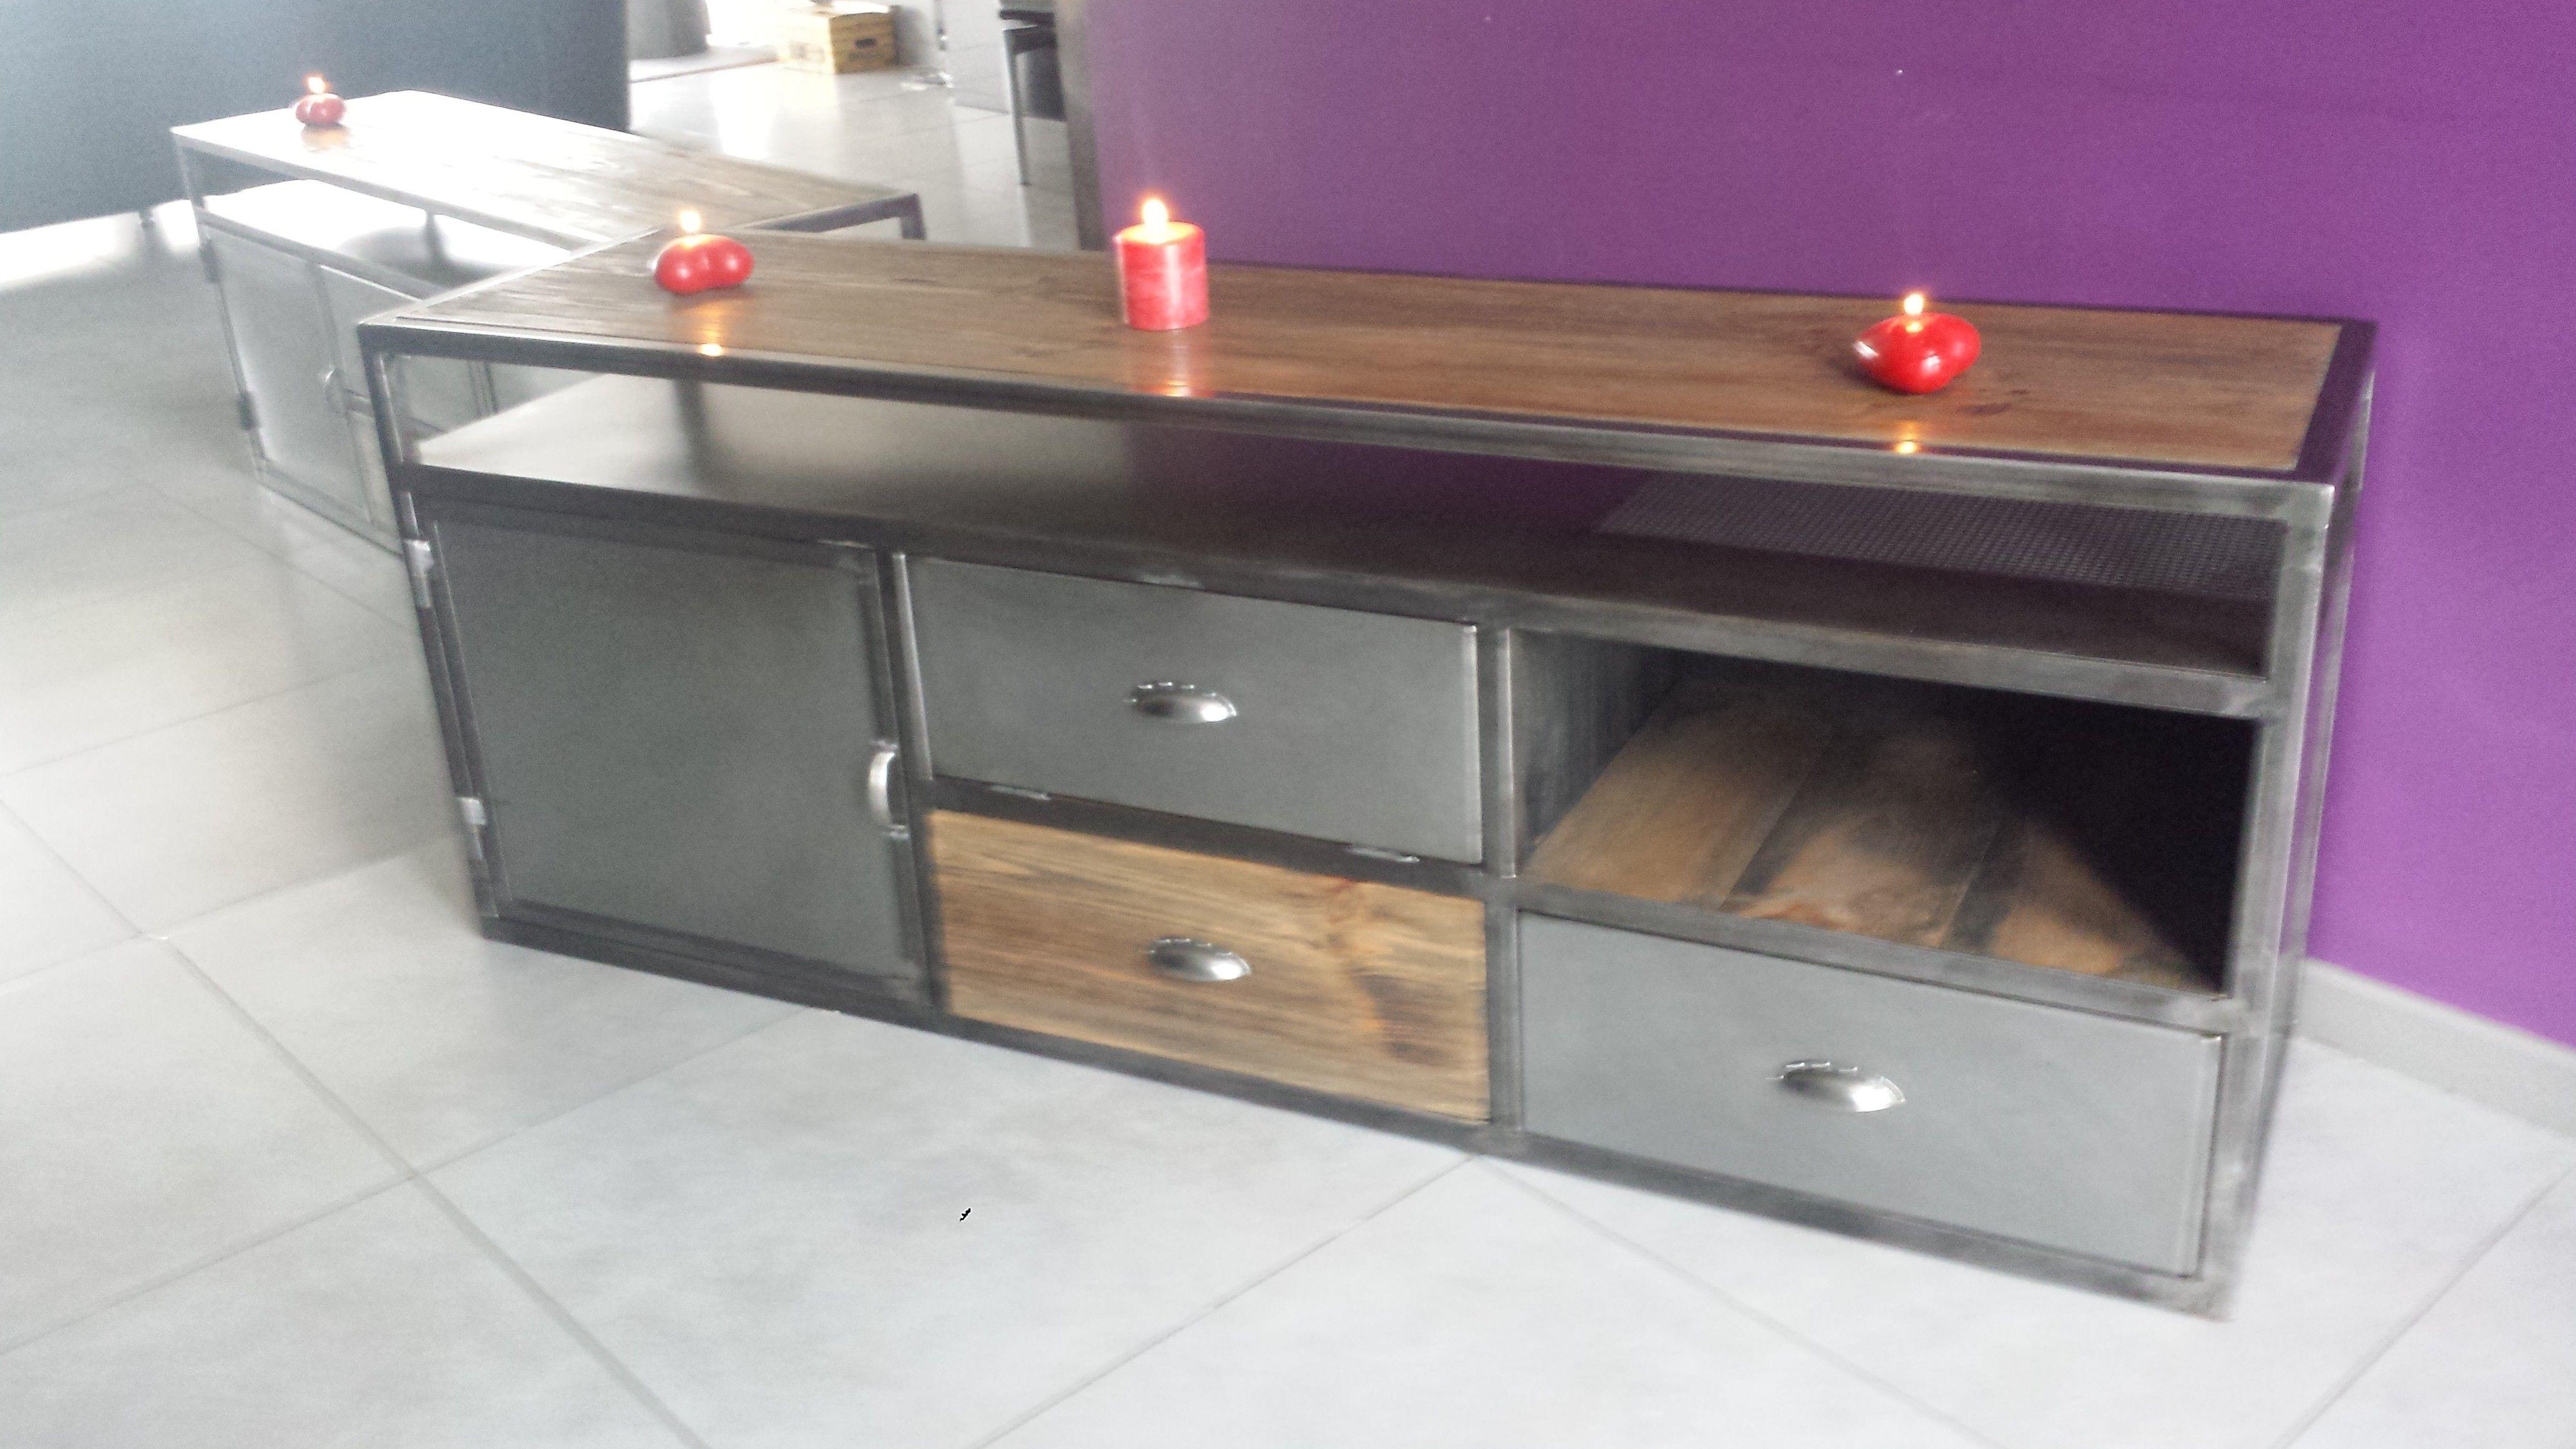 Pingl par djamel mahour sur mobilier pinterest style - Renover un meuble industriel ...